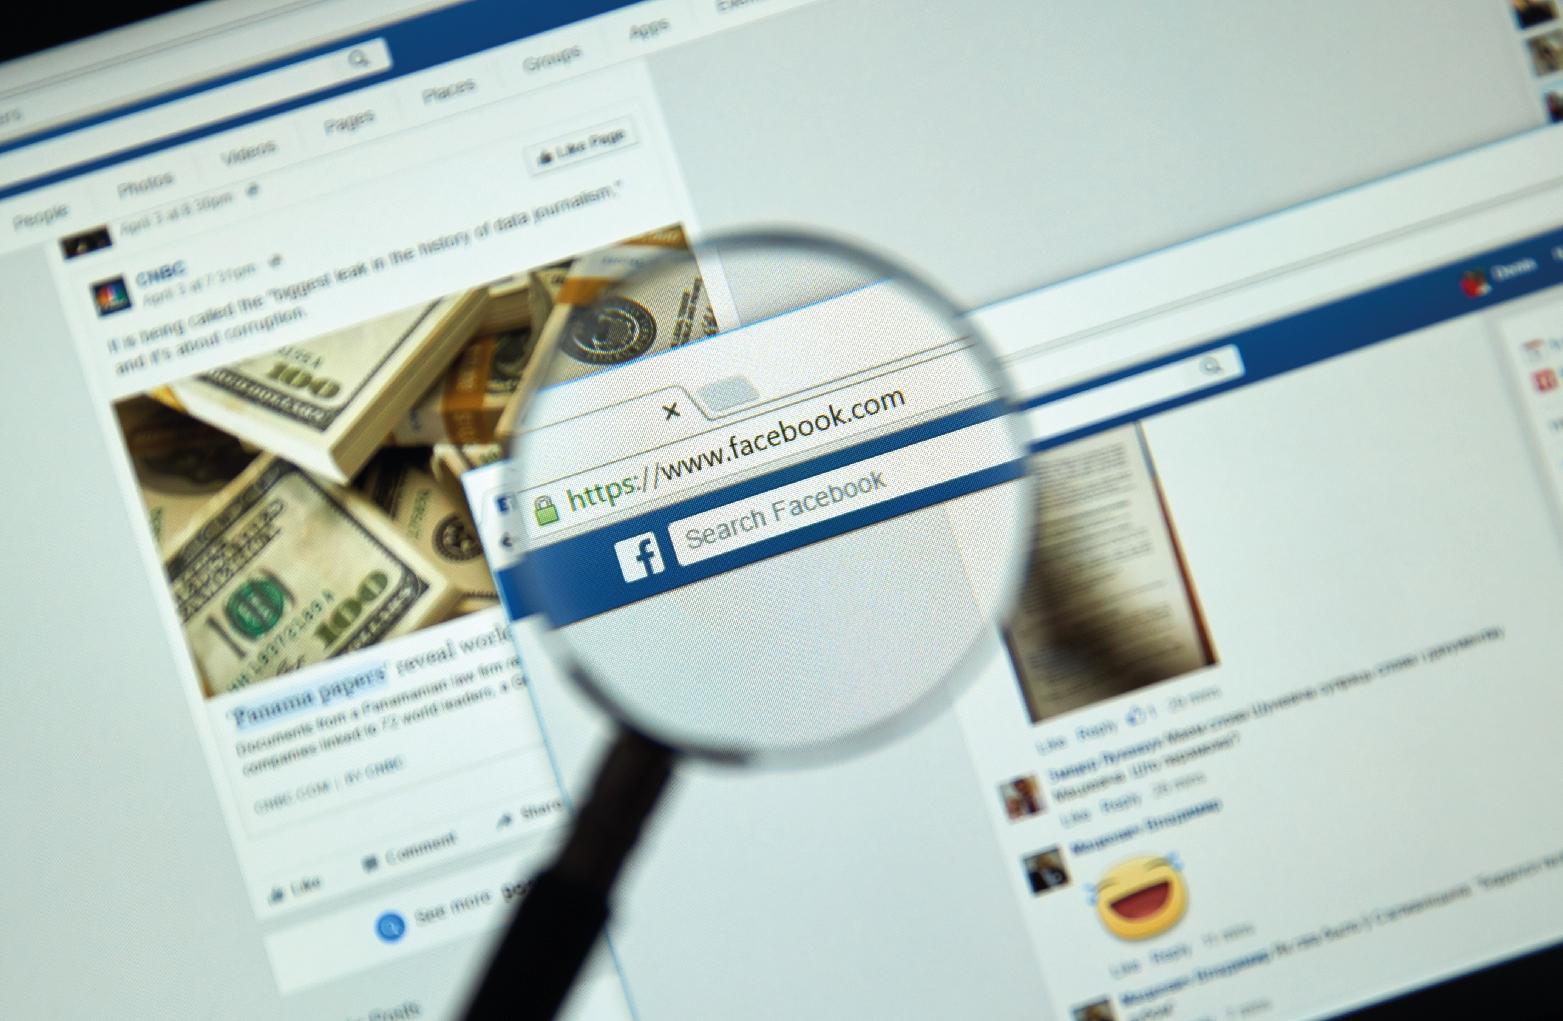 Acciones clave para mejorar la visibilidad en redes sociales